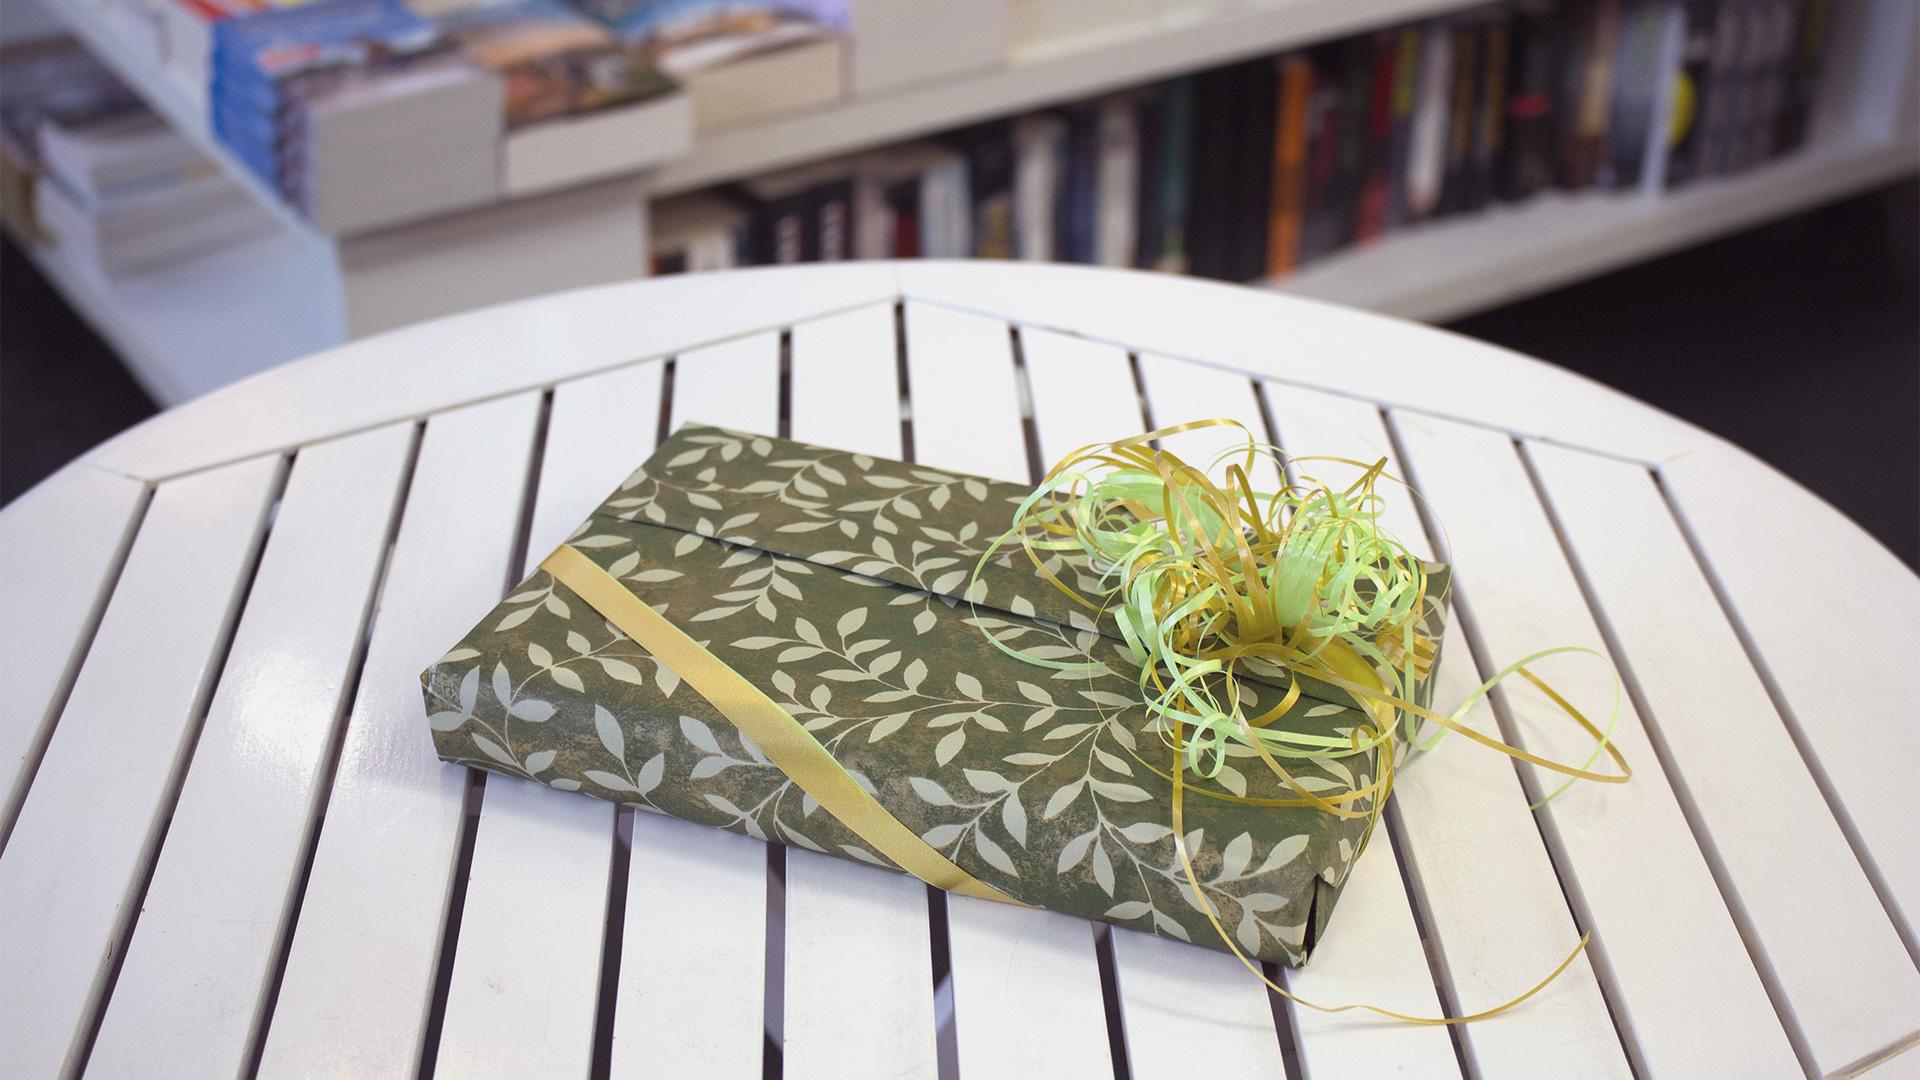 Ein als Geschenk verpacktes Buch mit grünem Papier und Schleife, das auf einem weißen Holztisch in der Buchhandlung liegt